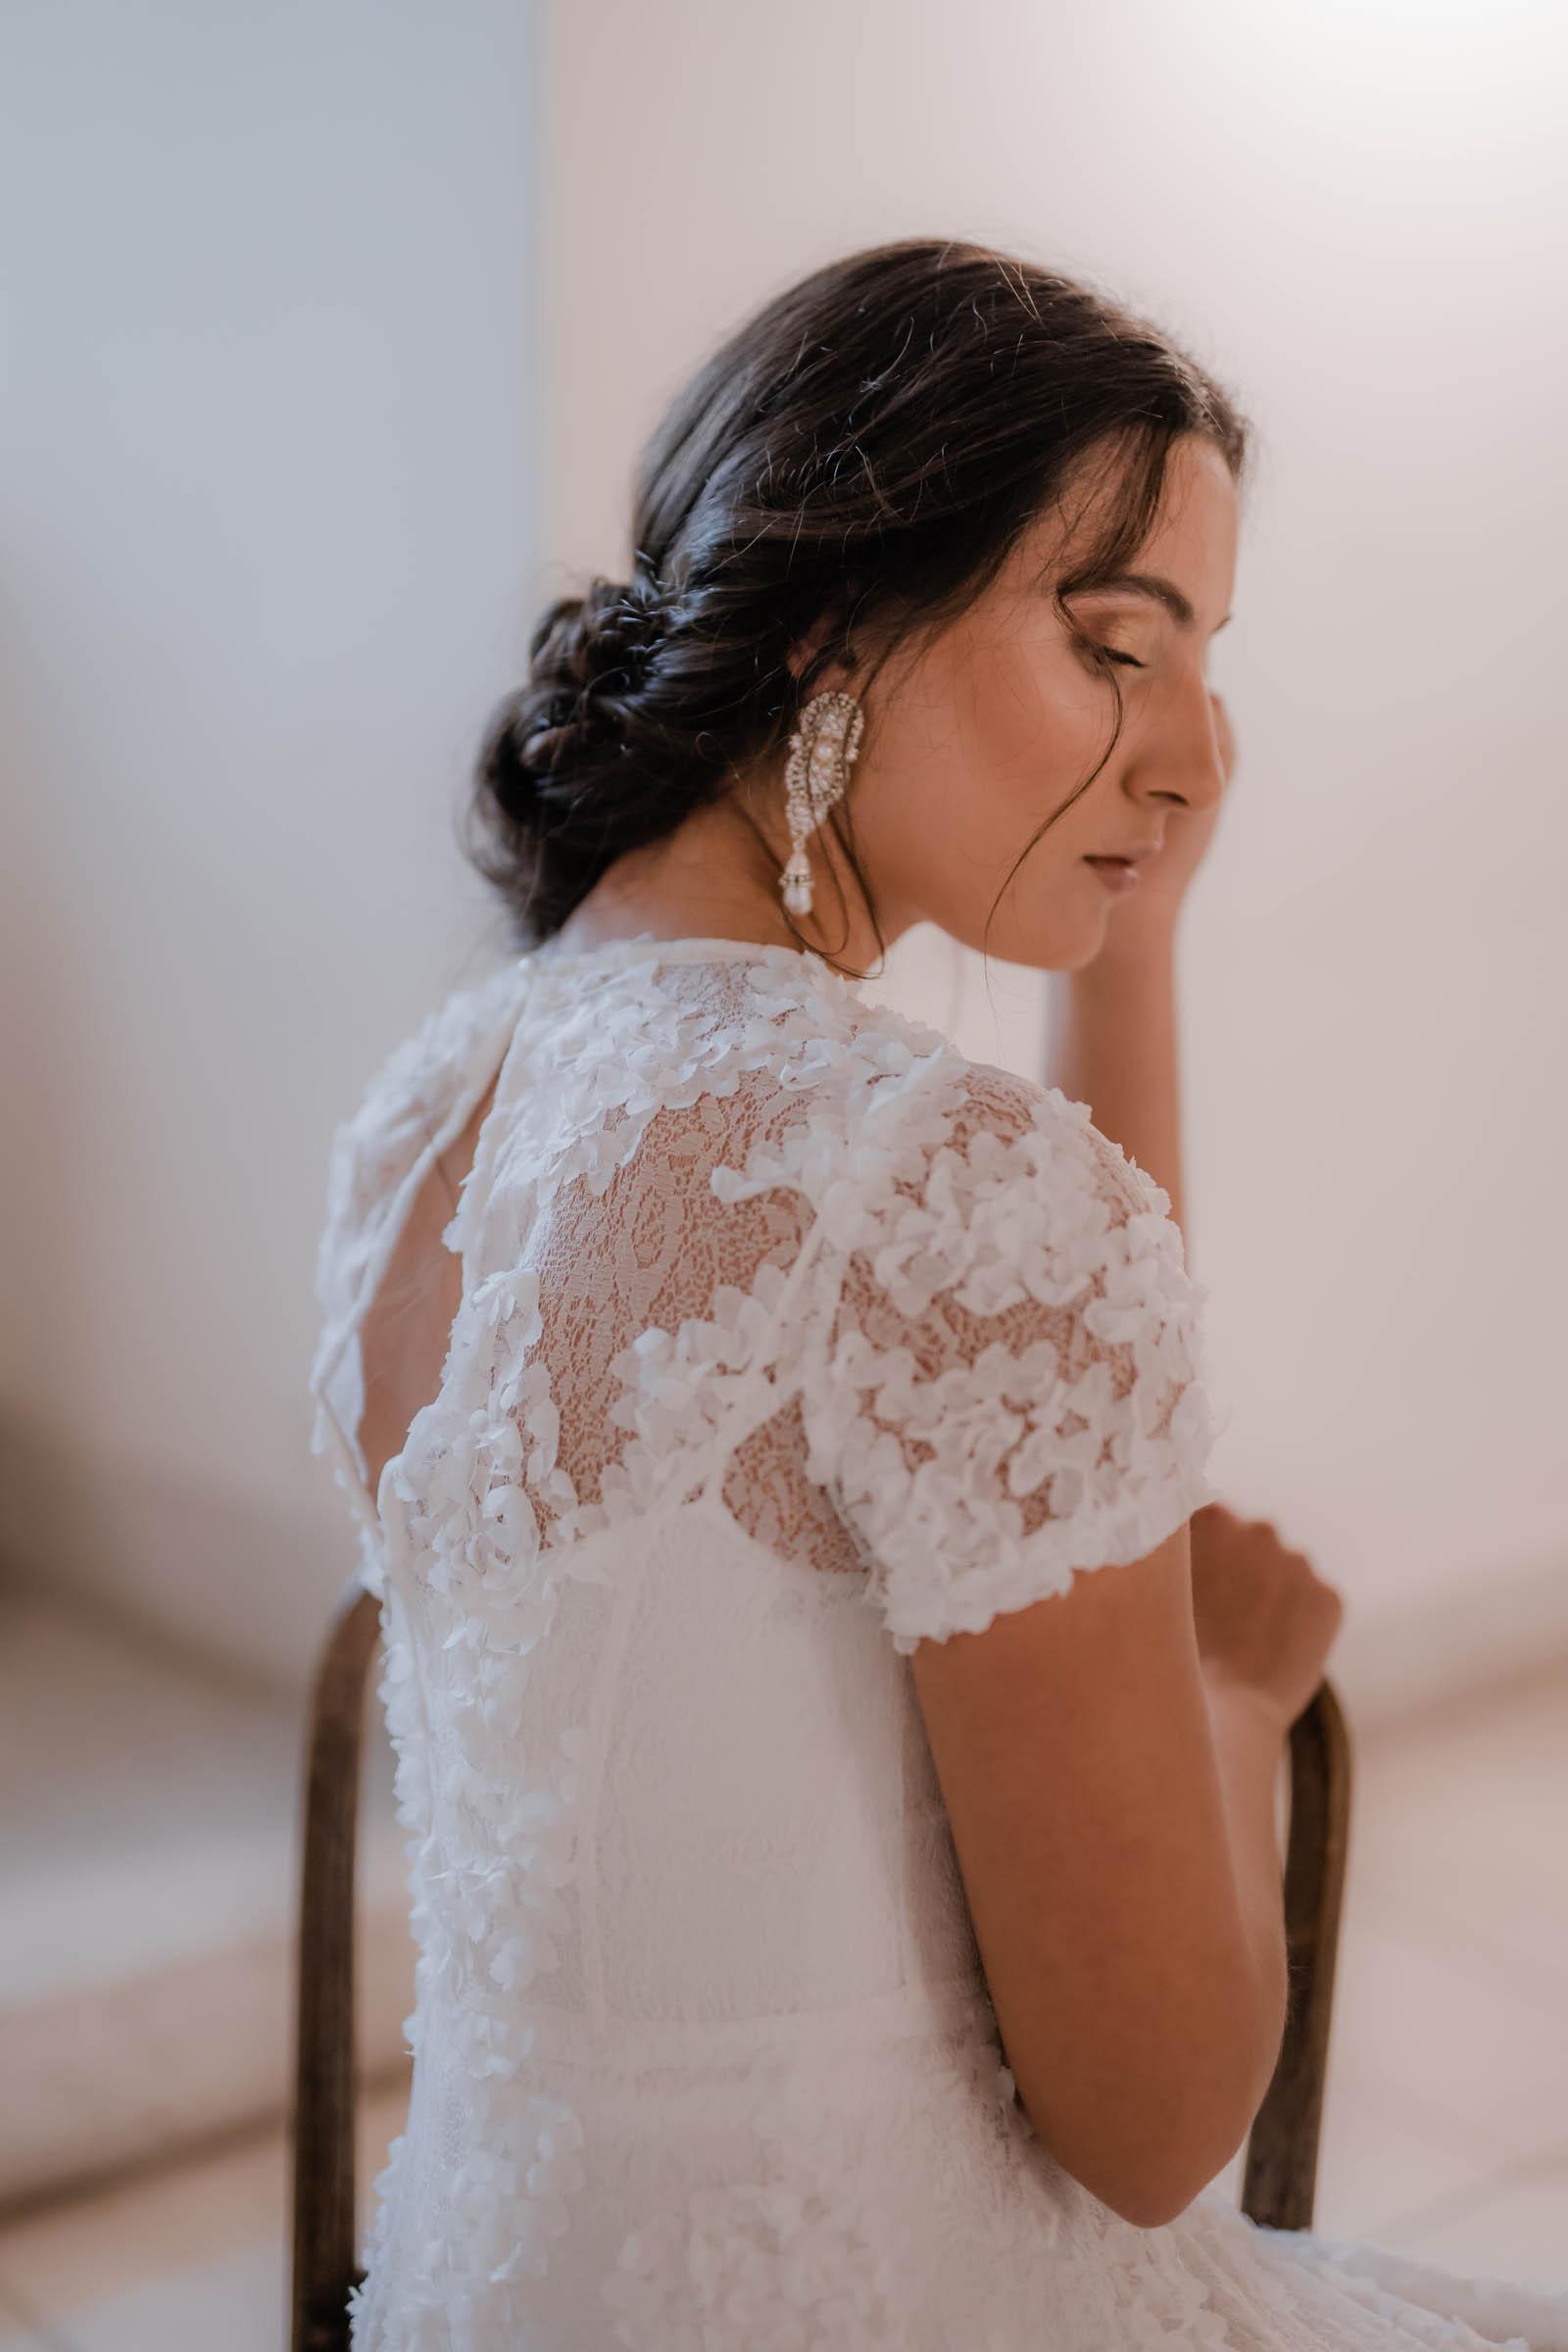 boho-svadobne-saty-veronika-kostkova-wedding-atelier-2019-rosa-4